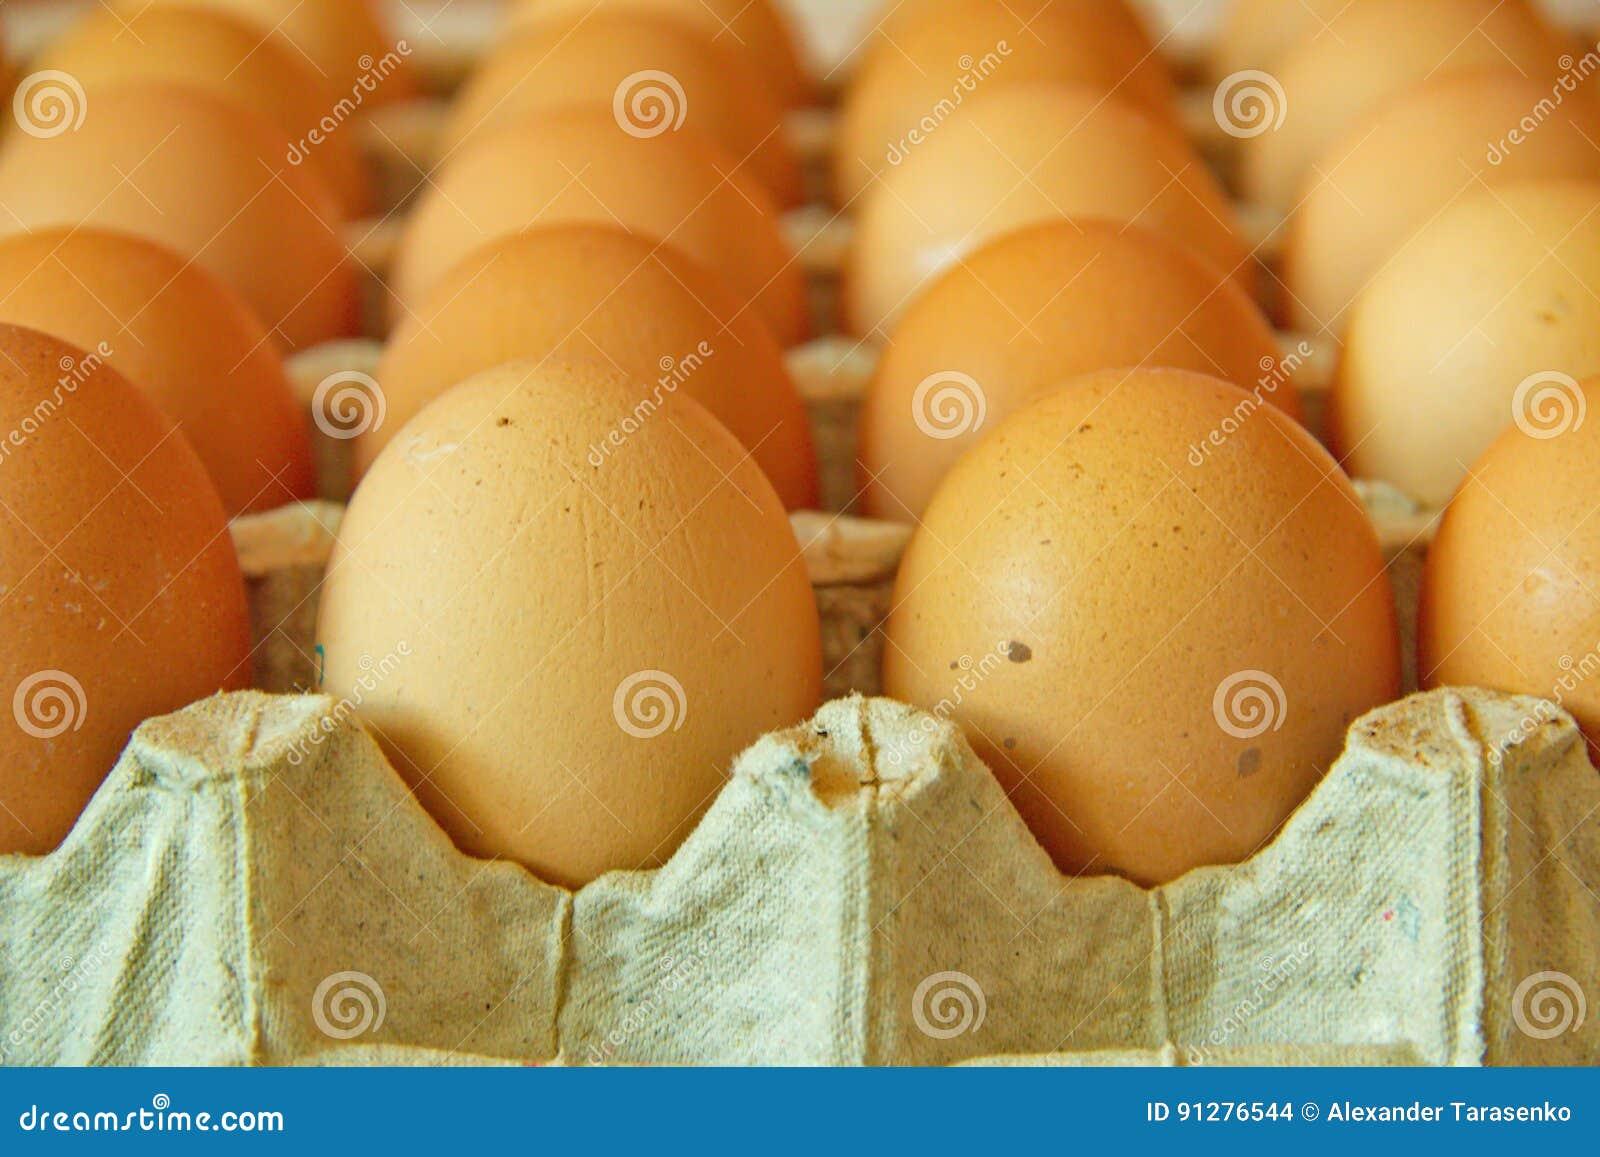 Stäng sig upp av många ägg i rad, perspektivsikten,